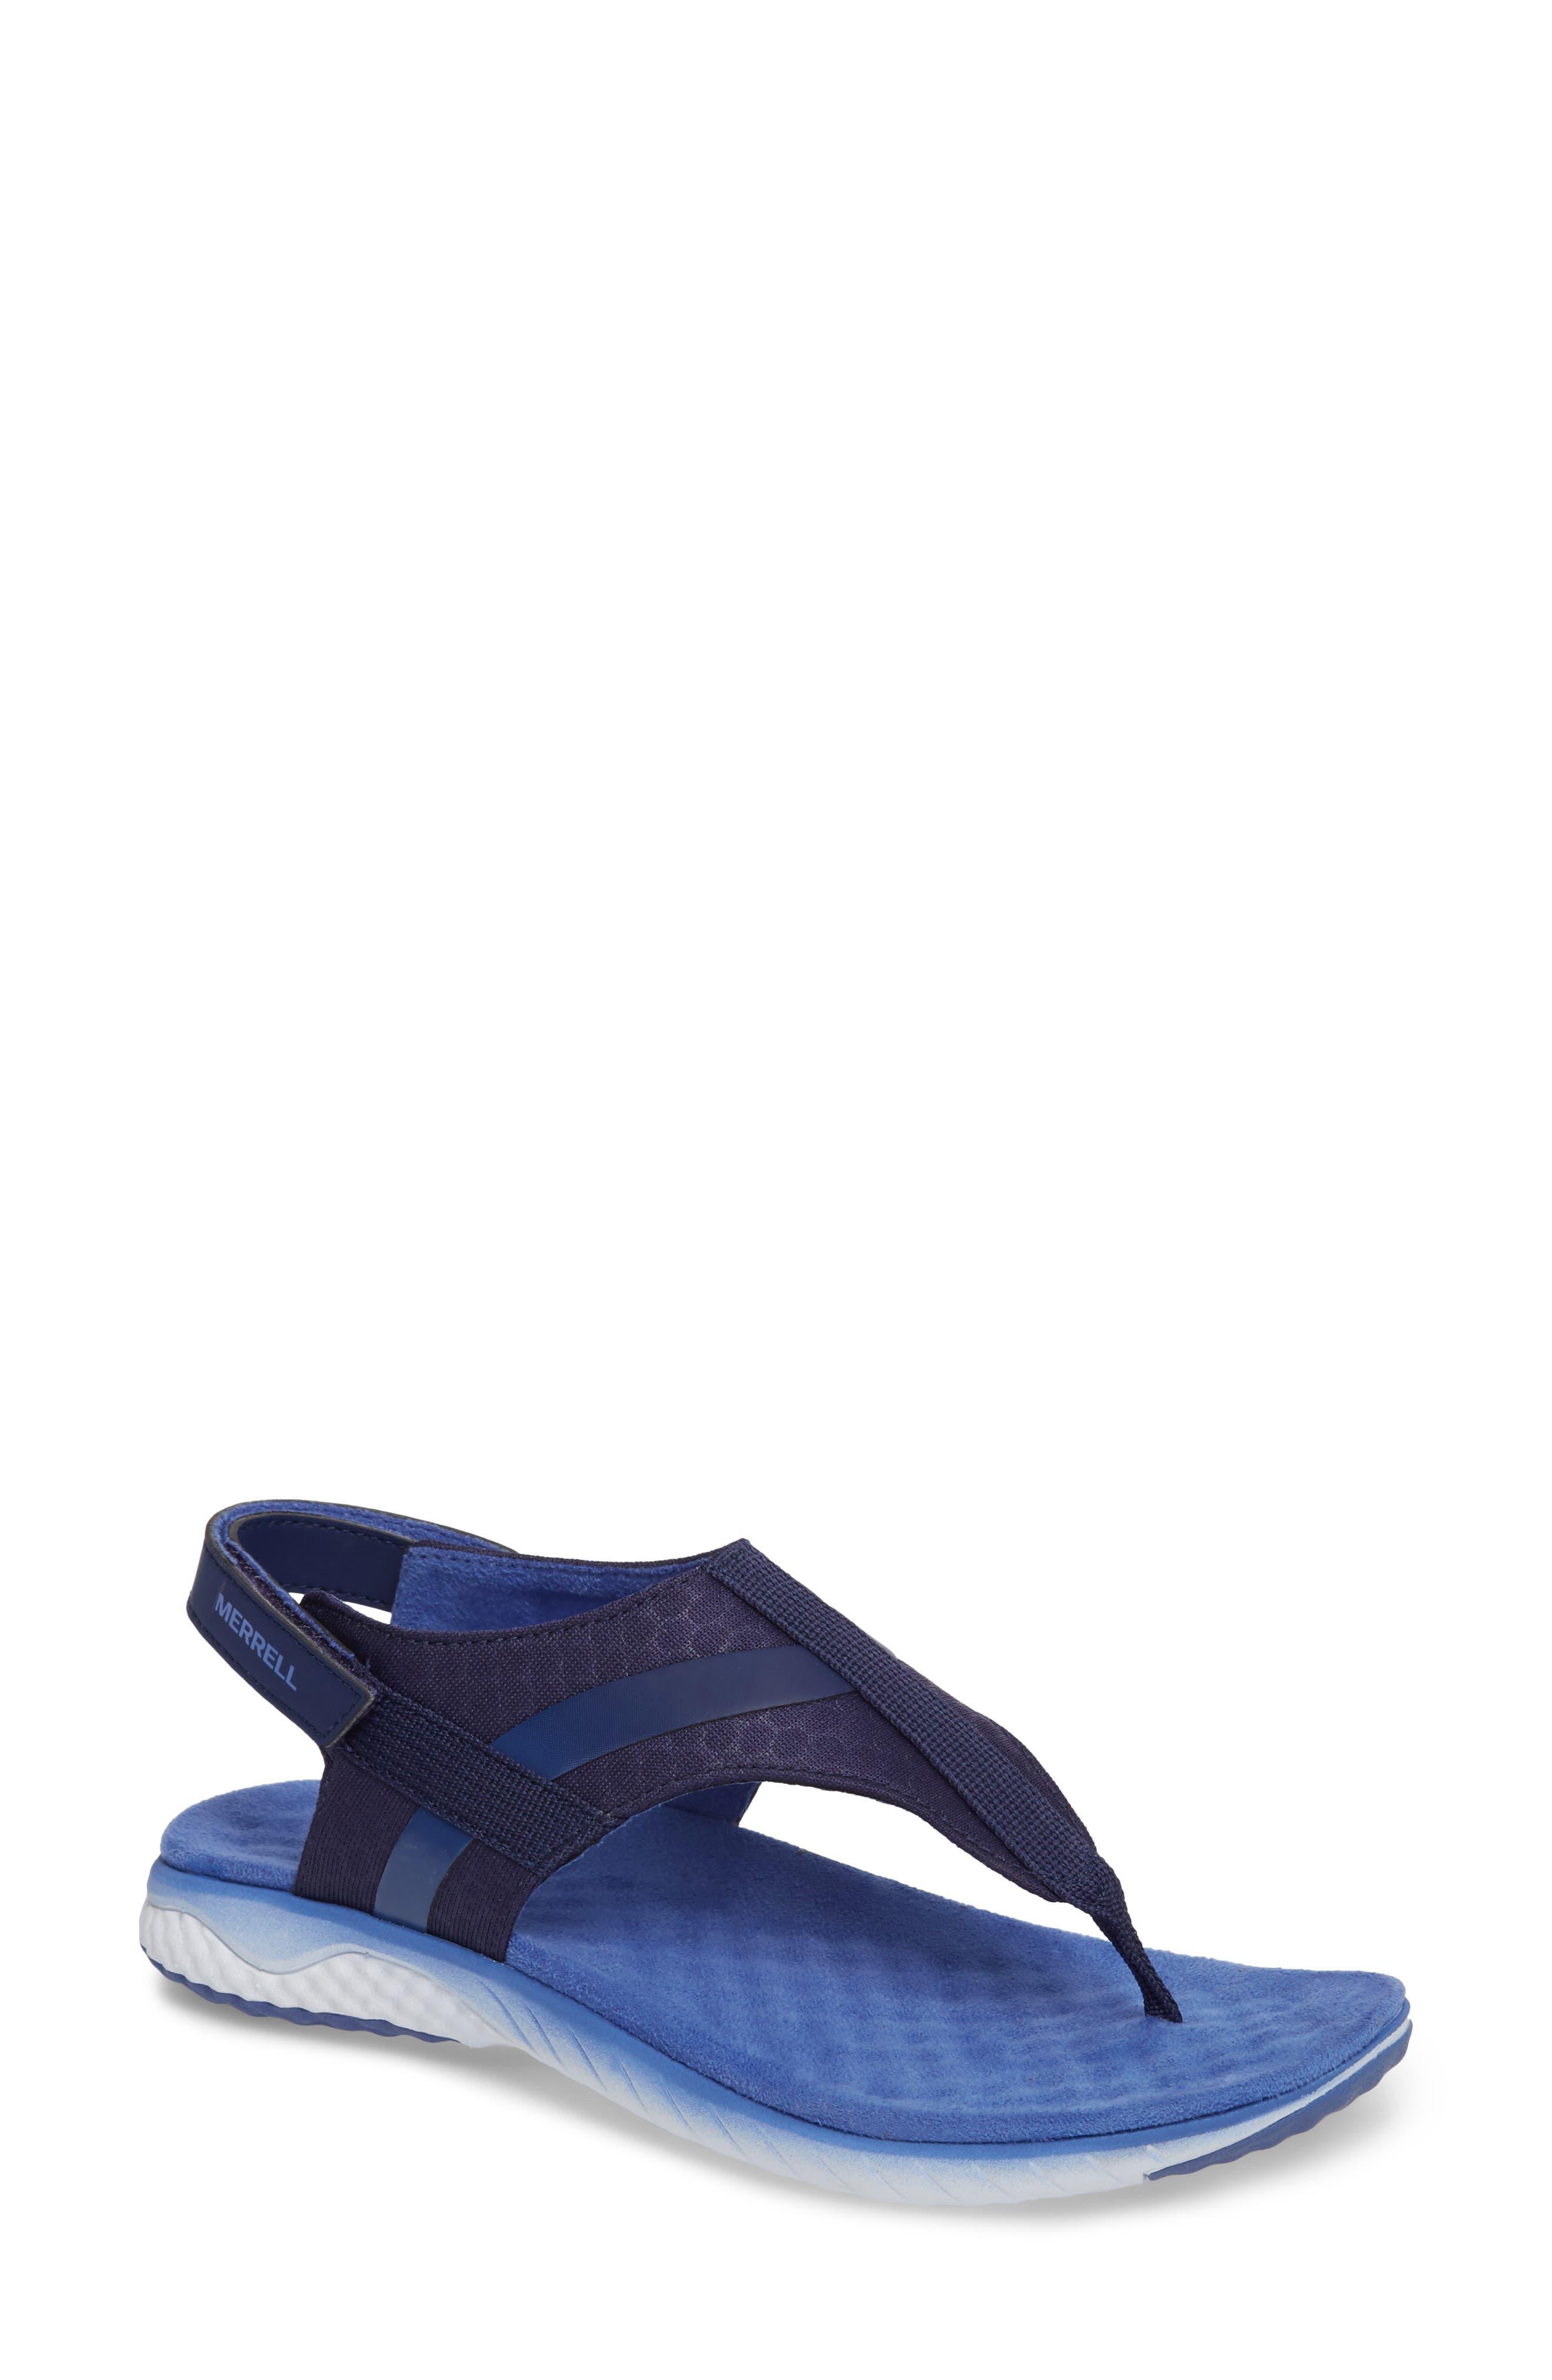 1SIX8 Linna Slide Air Cushion+ Sandal,                             Main thumbnail 3, color,